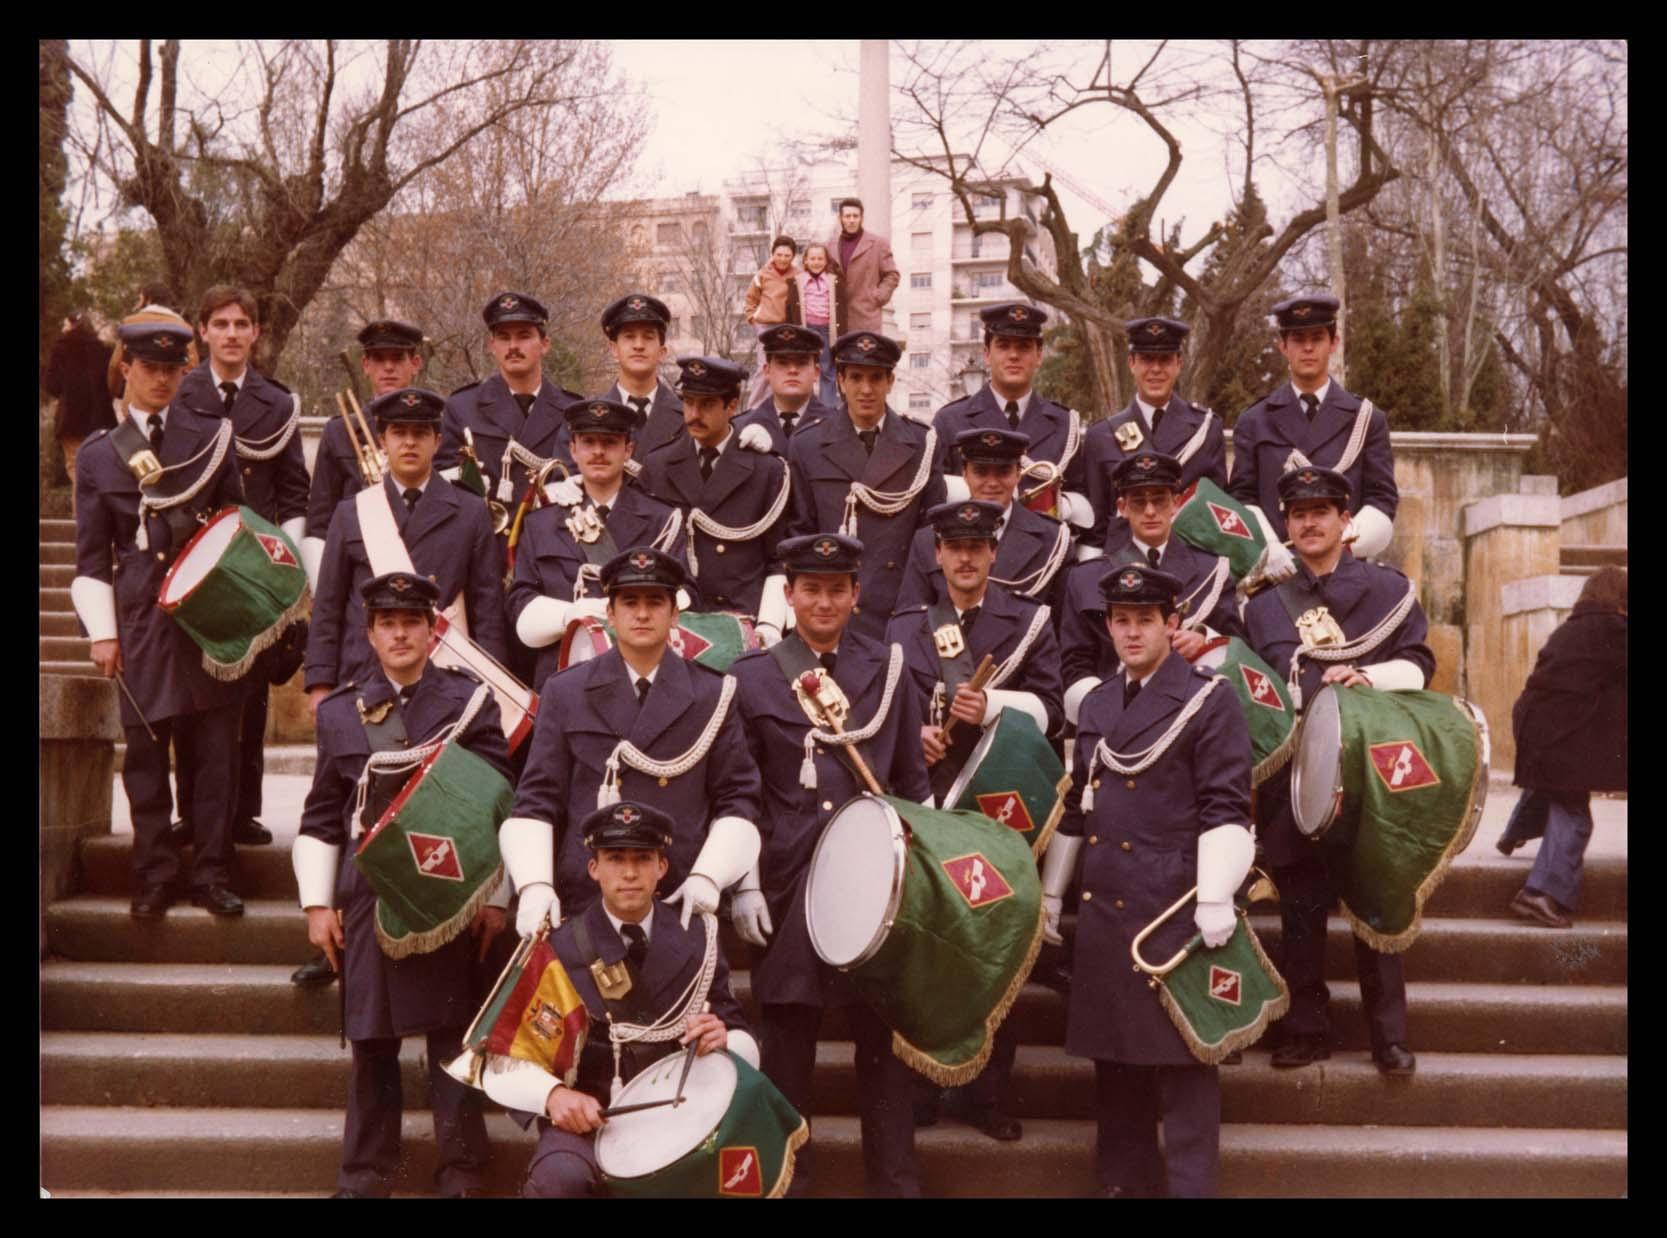 Nicomedes Salinero con la banda de cornetas y tambores de Matacán en el Campo de San Francisco en Salamanca